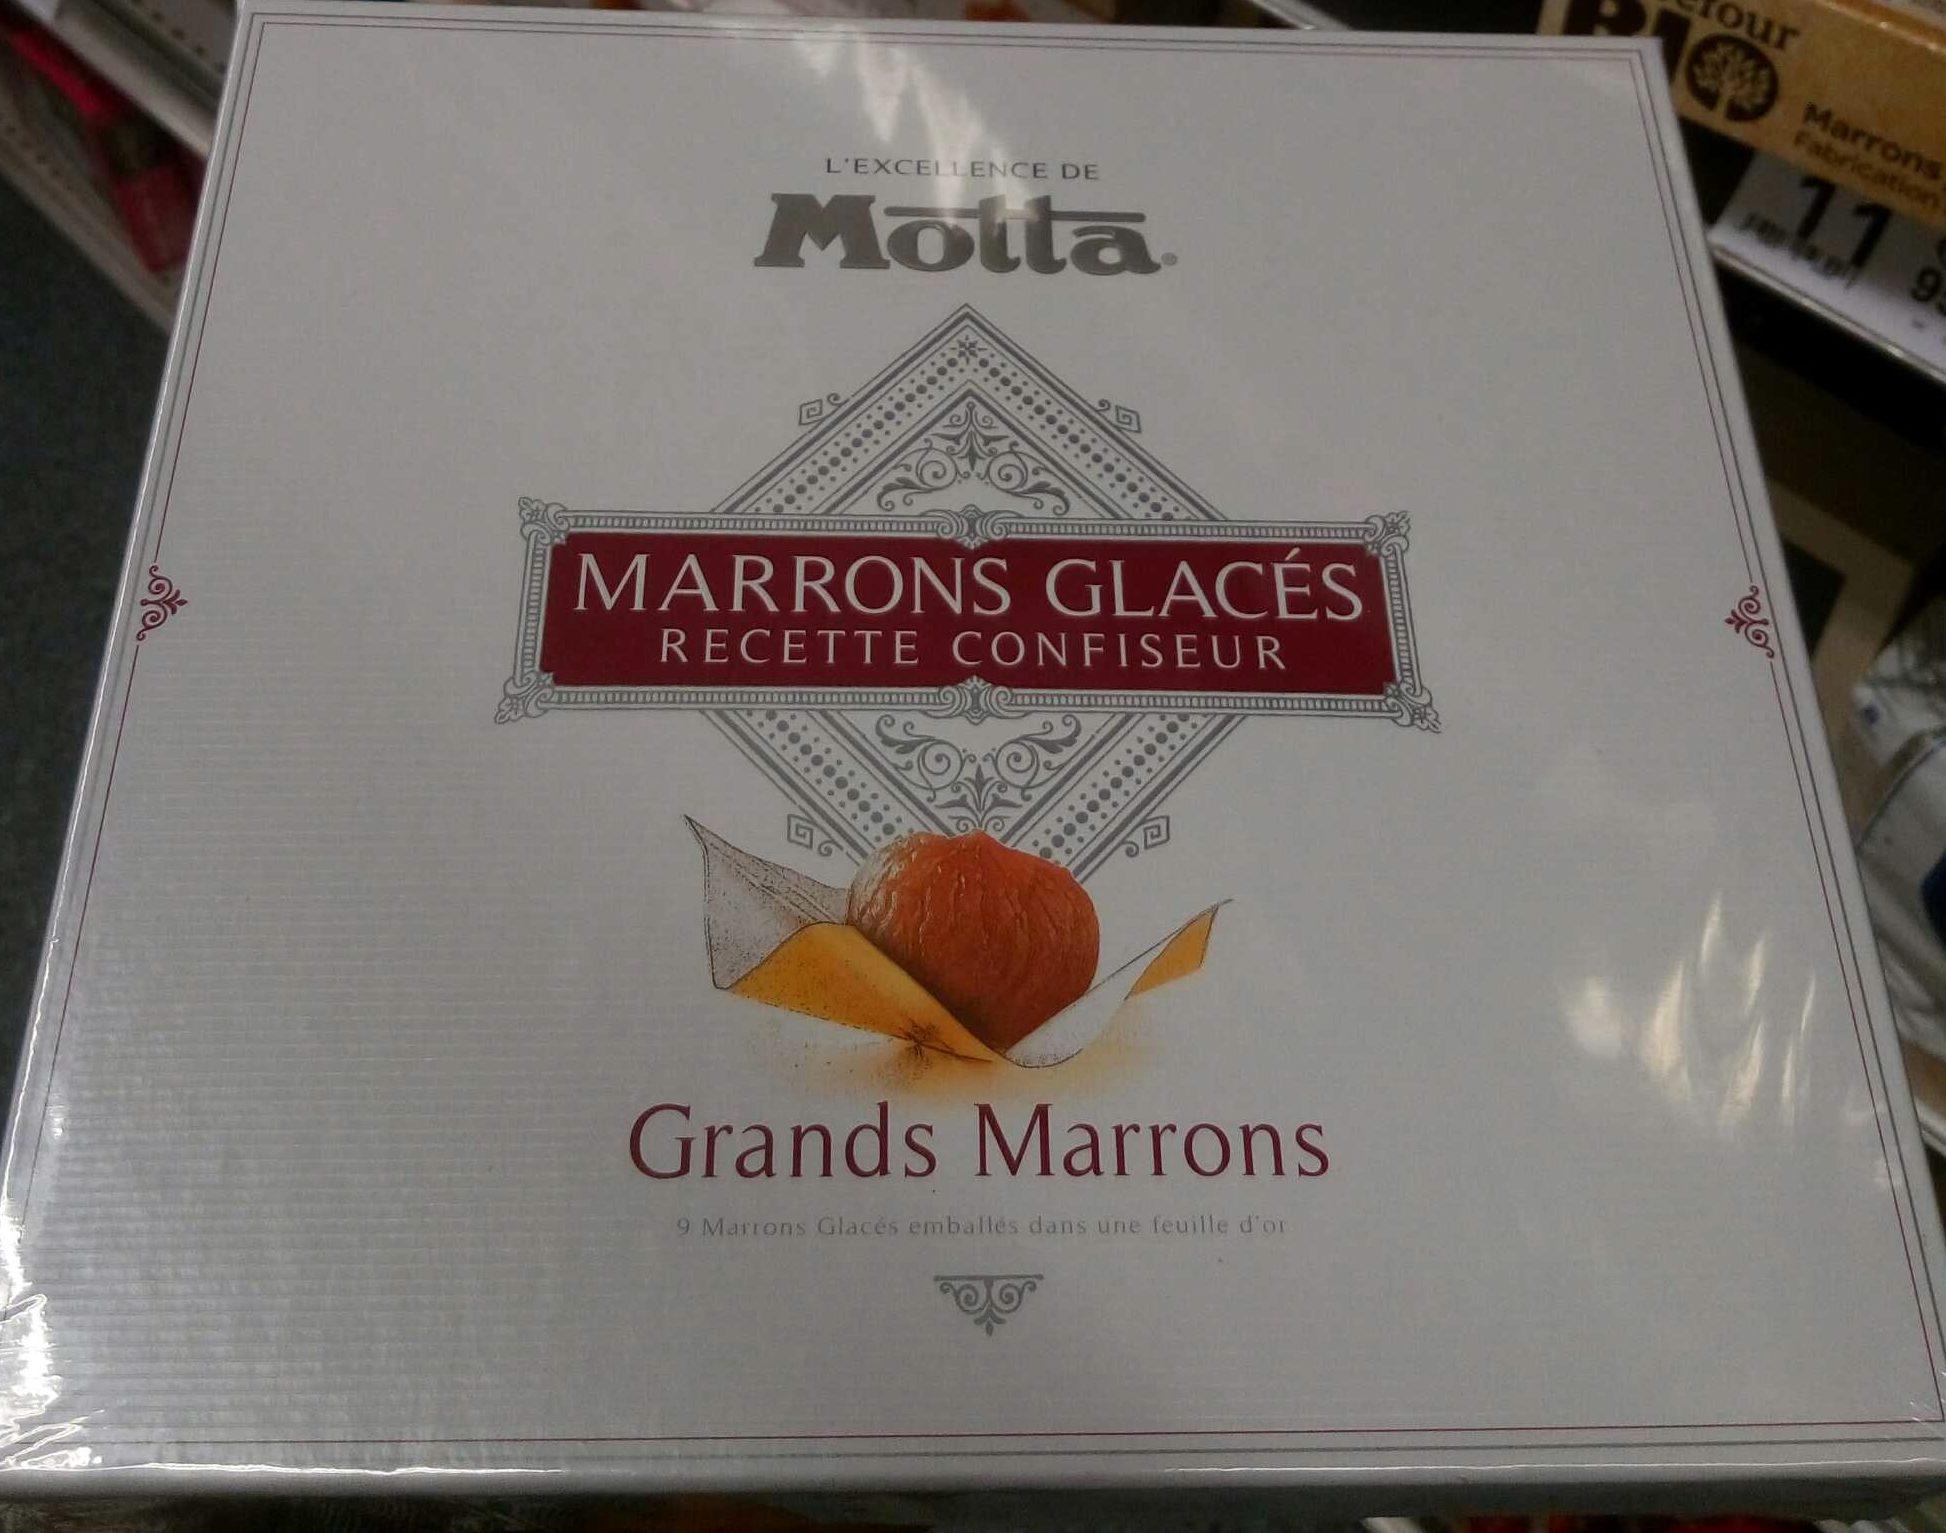 Marrons glacés recette confiseur - Produit